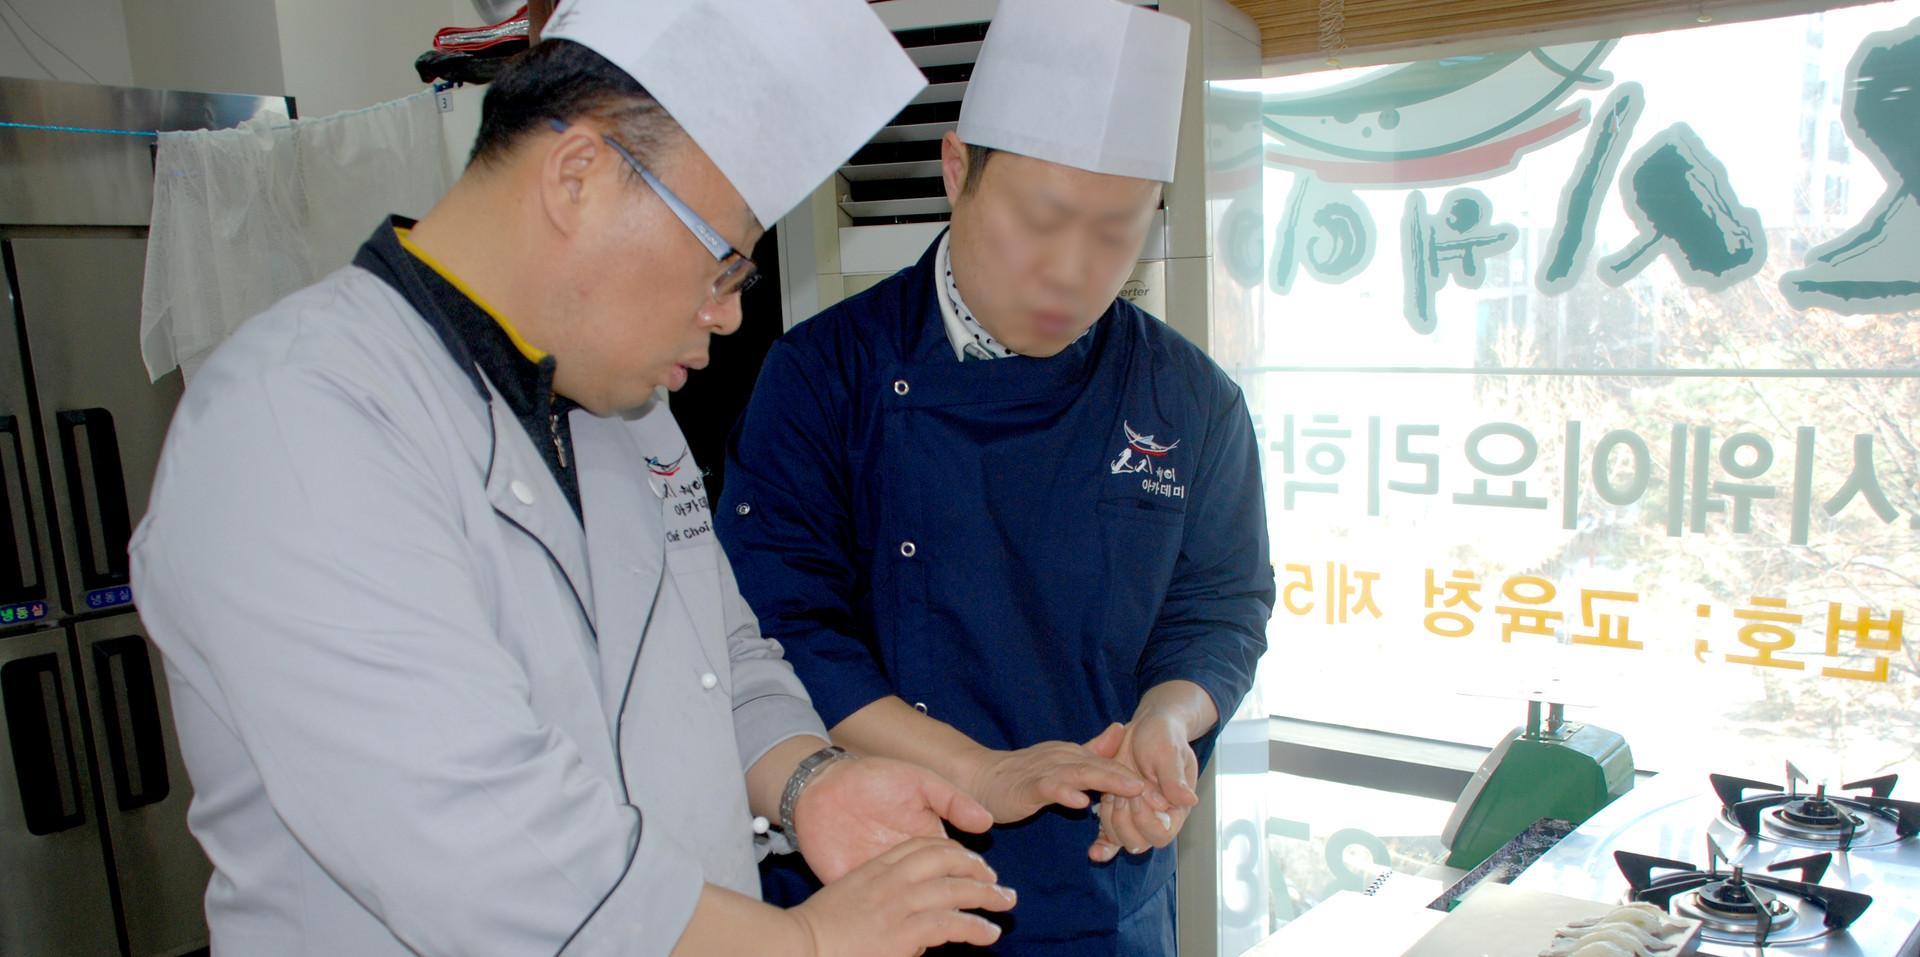 초밥 쥐는 법 피드백